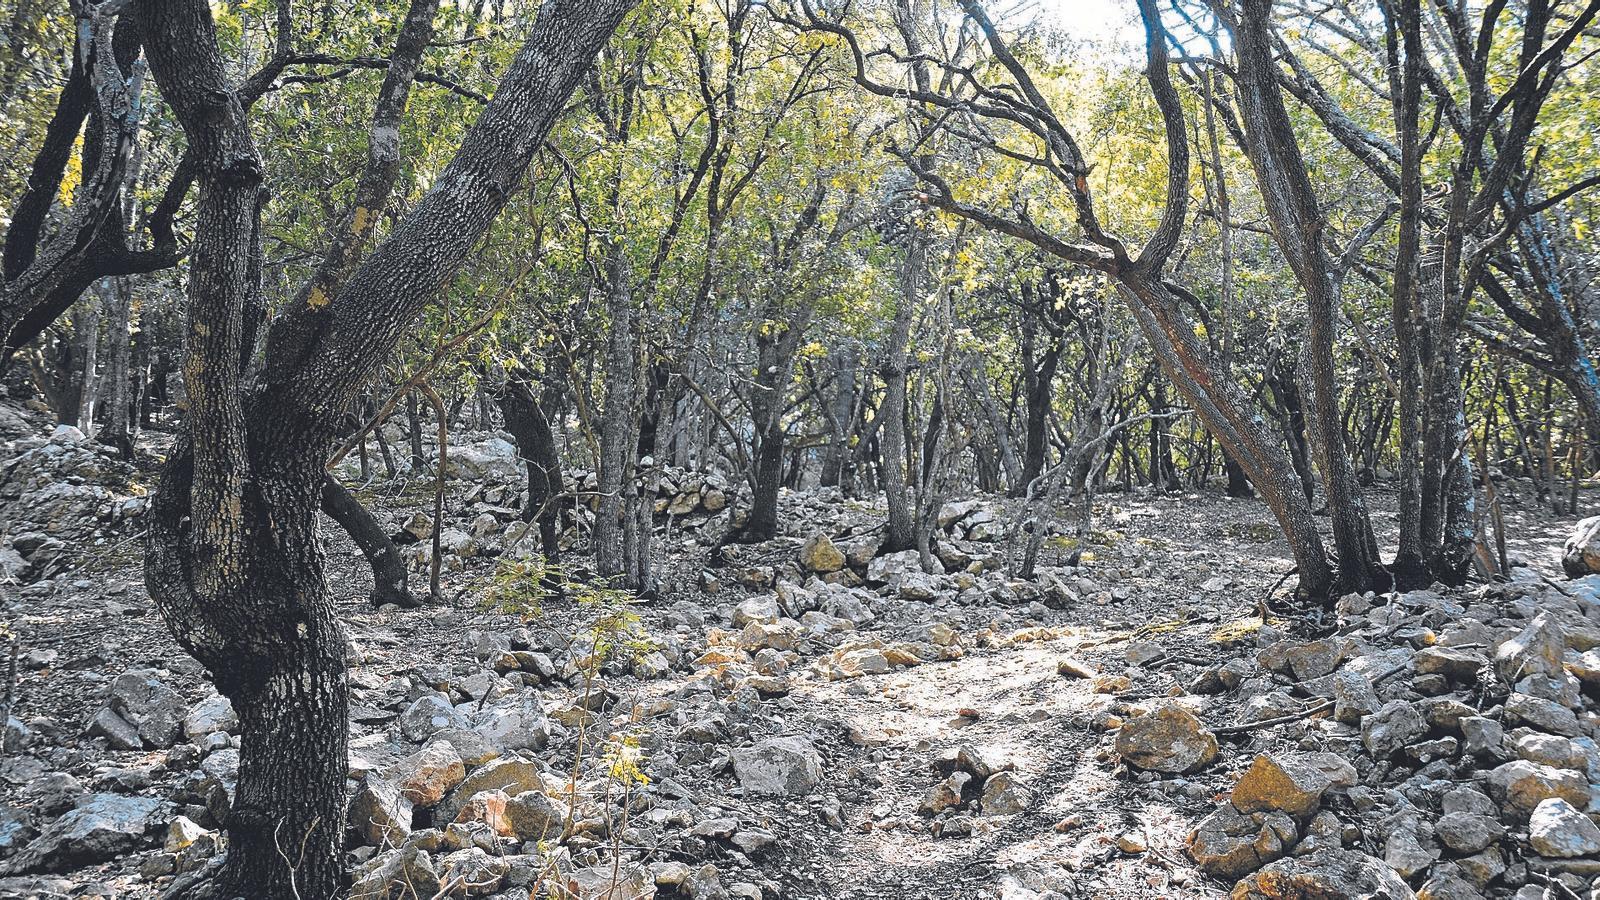 Un bosc d'alzines a la Serra de Tramuntana